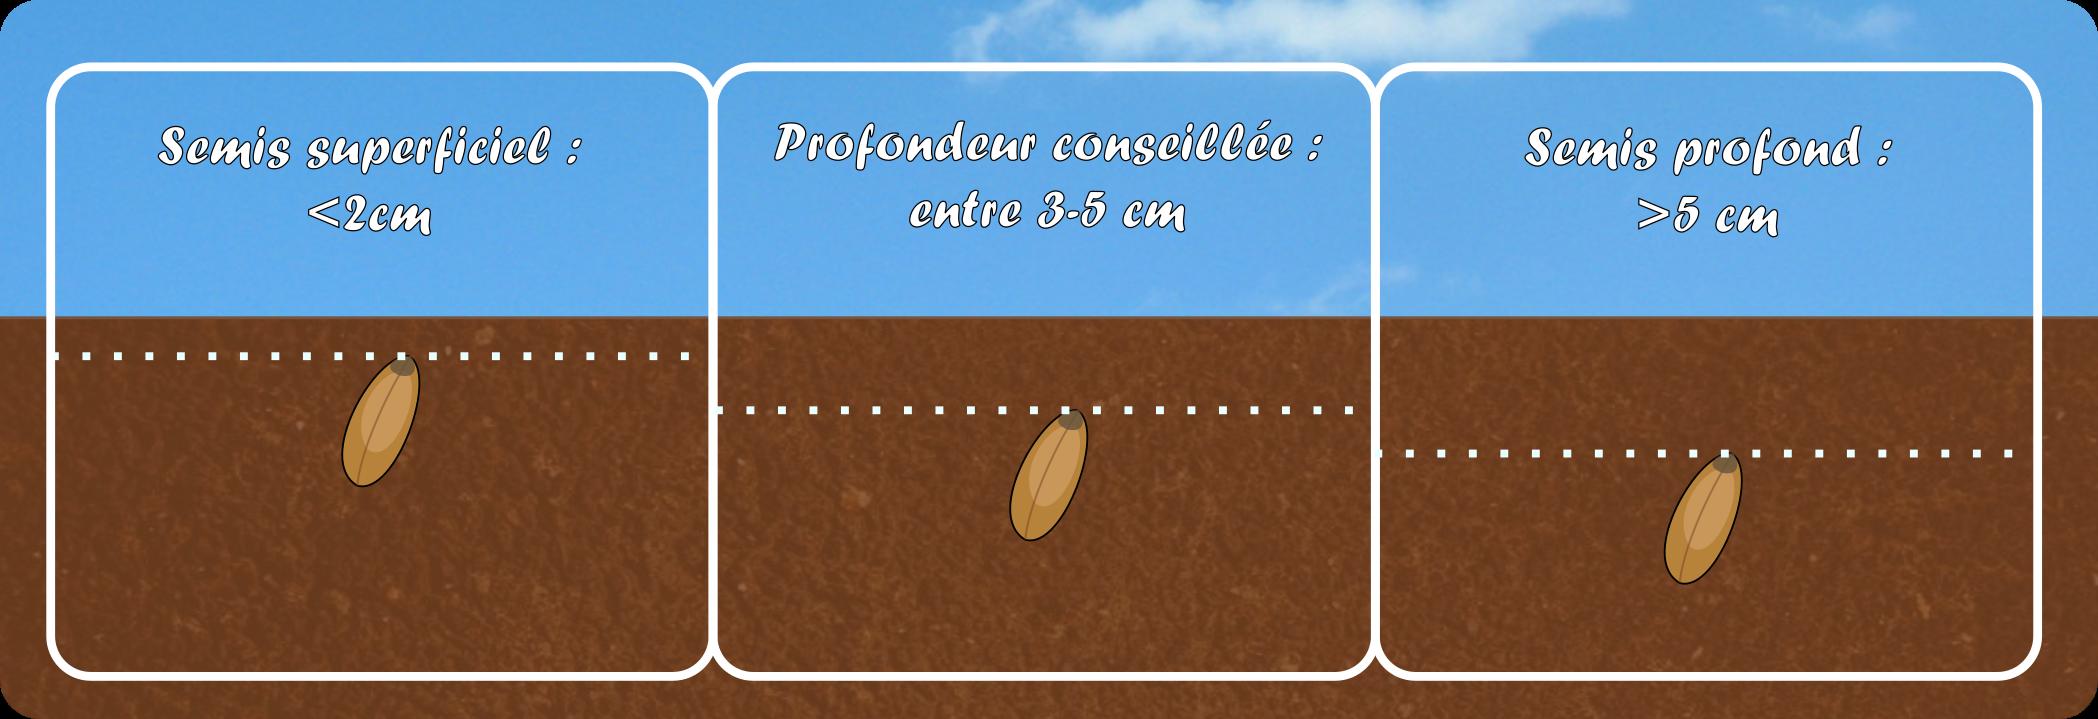 https://normandie.chambres-agriculture.fr/conseils-et-services/produire-thematiques/cultures/cereales/semis-des-cereales/semis-profond-contre-les-etourneaux/